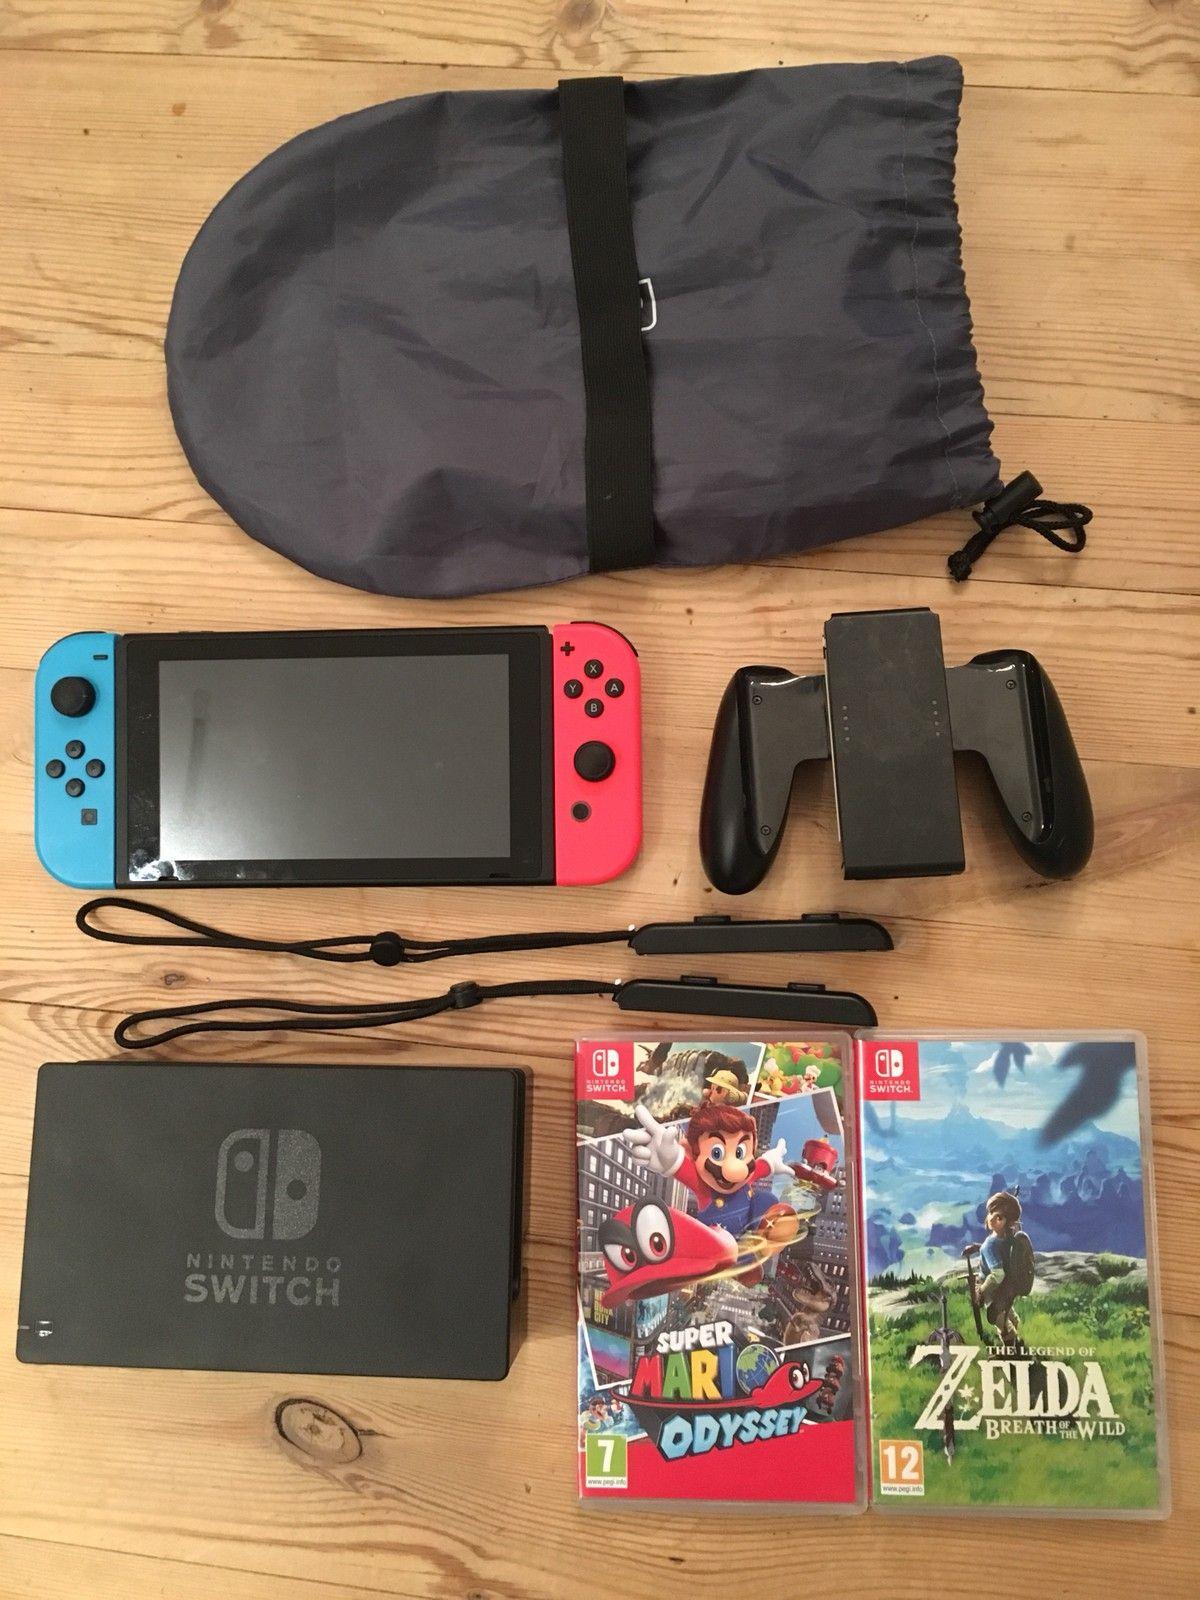 Nintendo switch med 4 spill - Oslo  - Nintendo switch Neon farget. I veldig fin stand.  Inkluderer 4 spill: - Zelda Breath of the Wild - Super Mario Odyssey - Mario Kart Deluxe 8 - Shovel Knight Treasure Trove  Inkluderer alt på bildene med HDMI-kabel og strø - Oslo